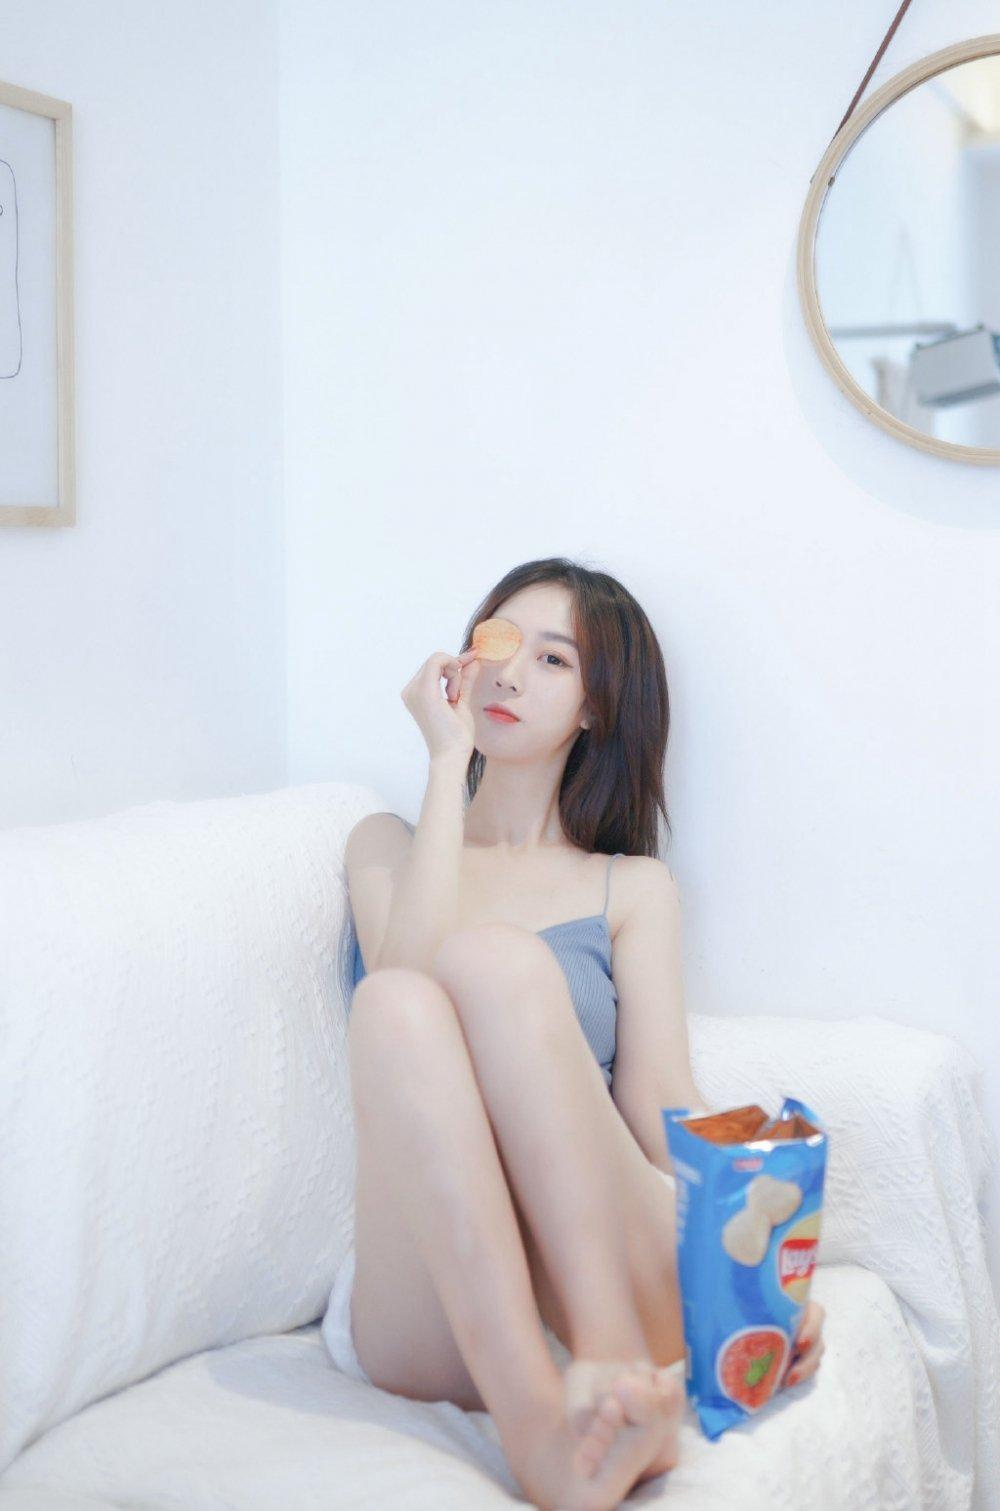 白皙性感吊带美女居家私房写真